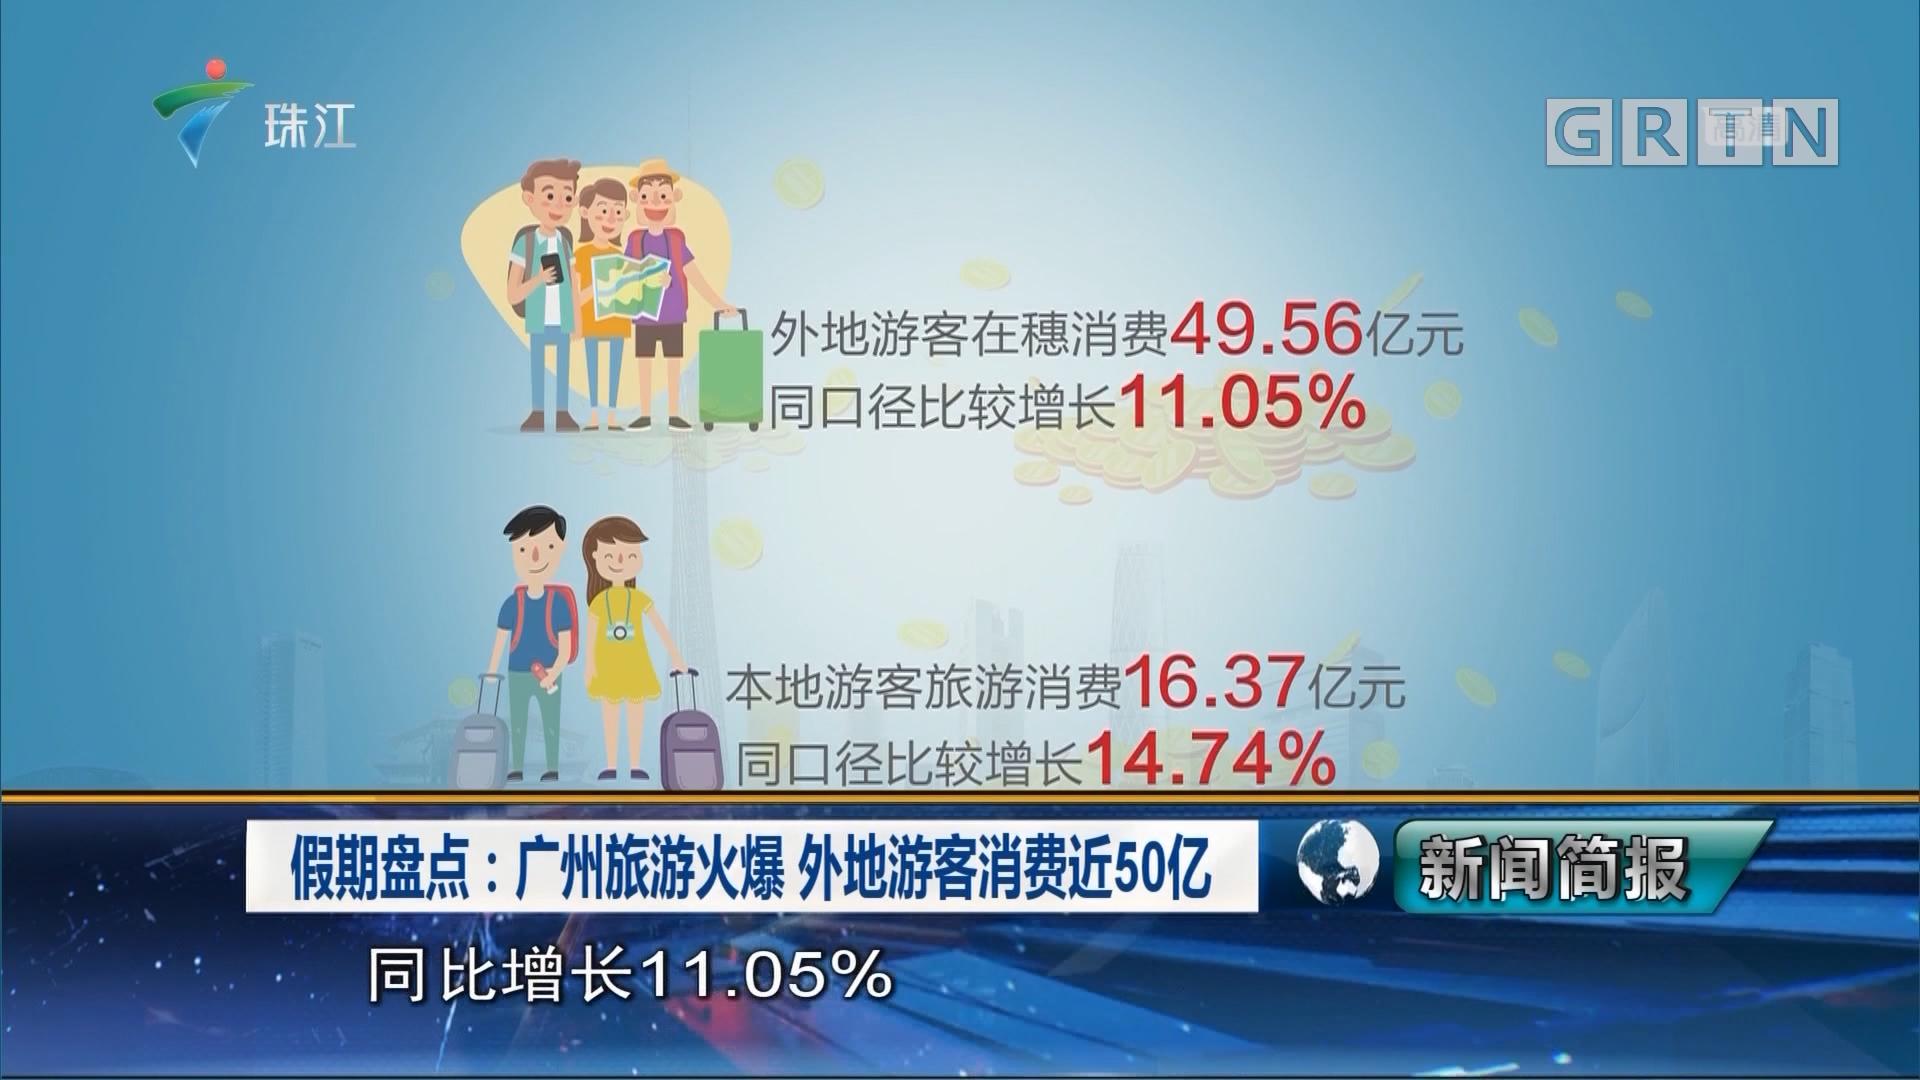 假期盘点:广州旅游火爆 外地游客消费近50亿